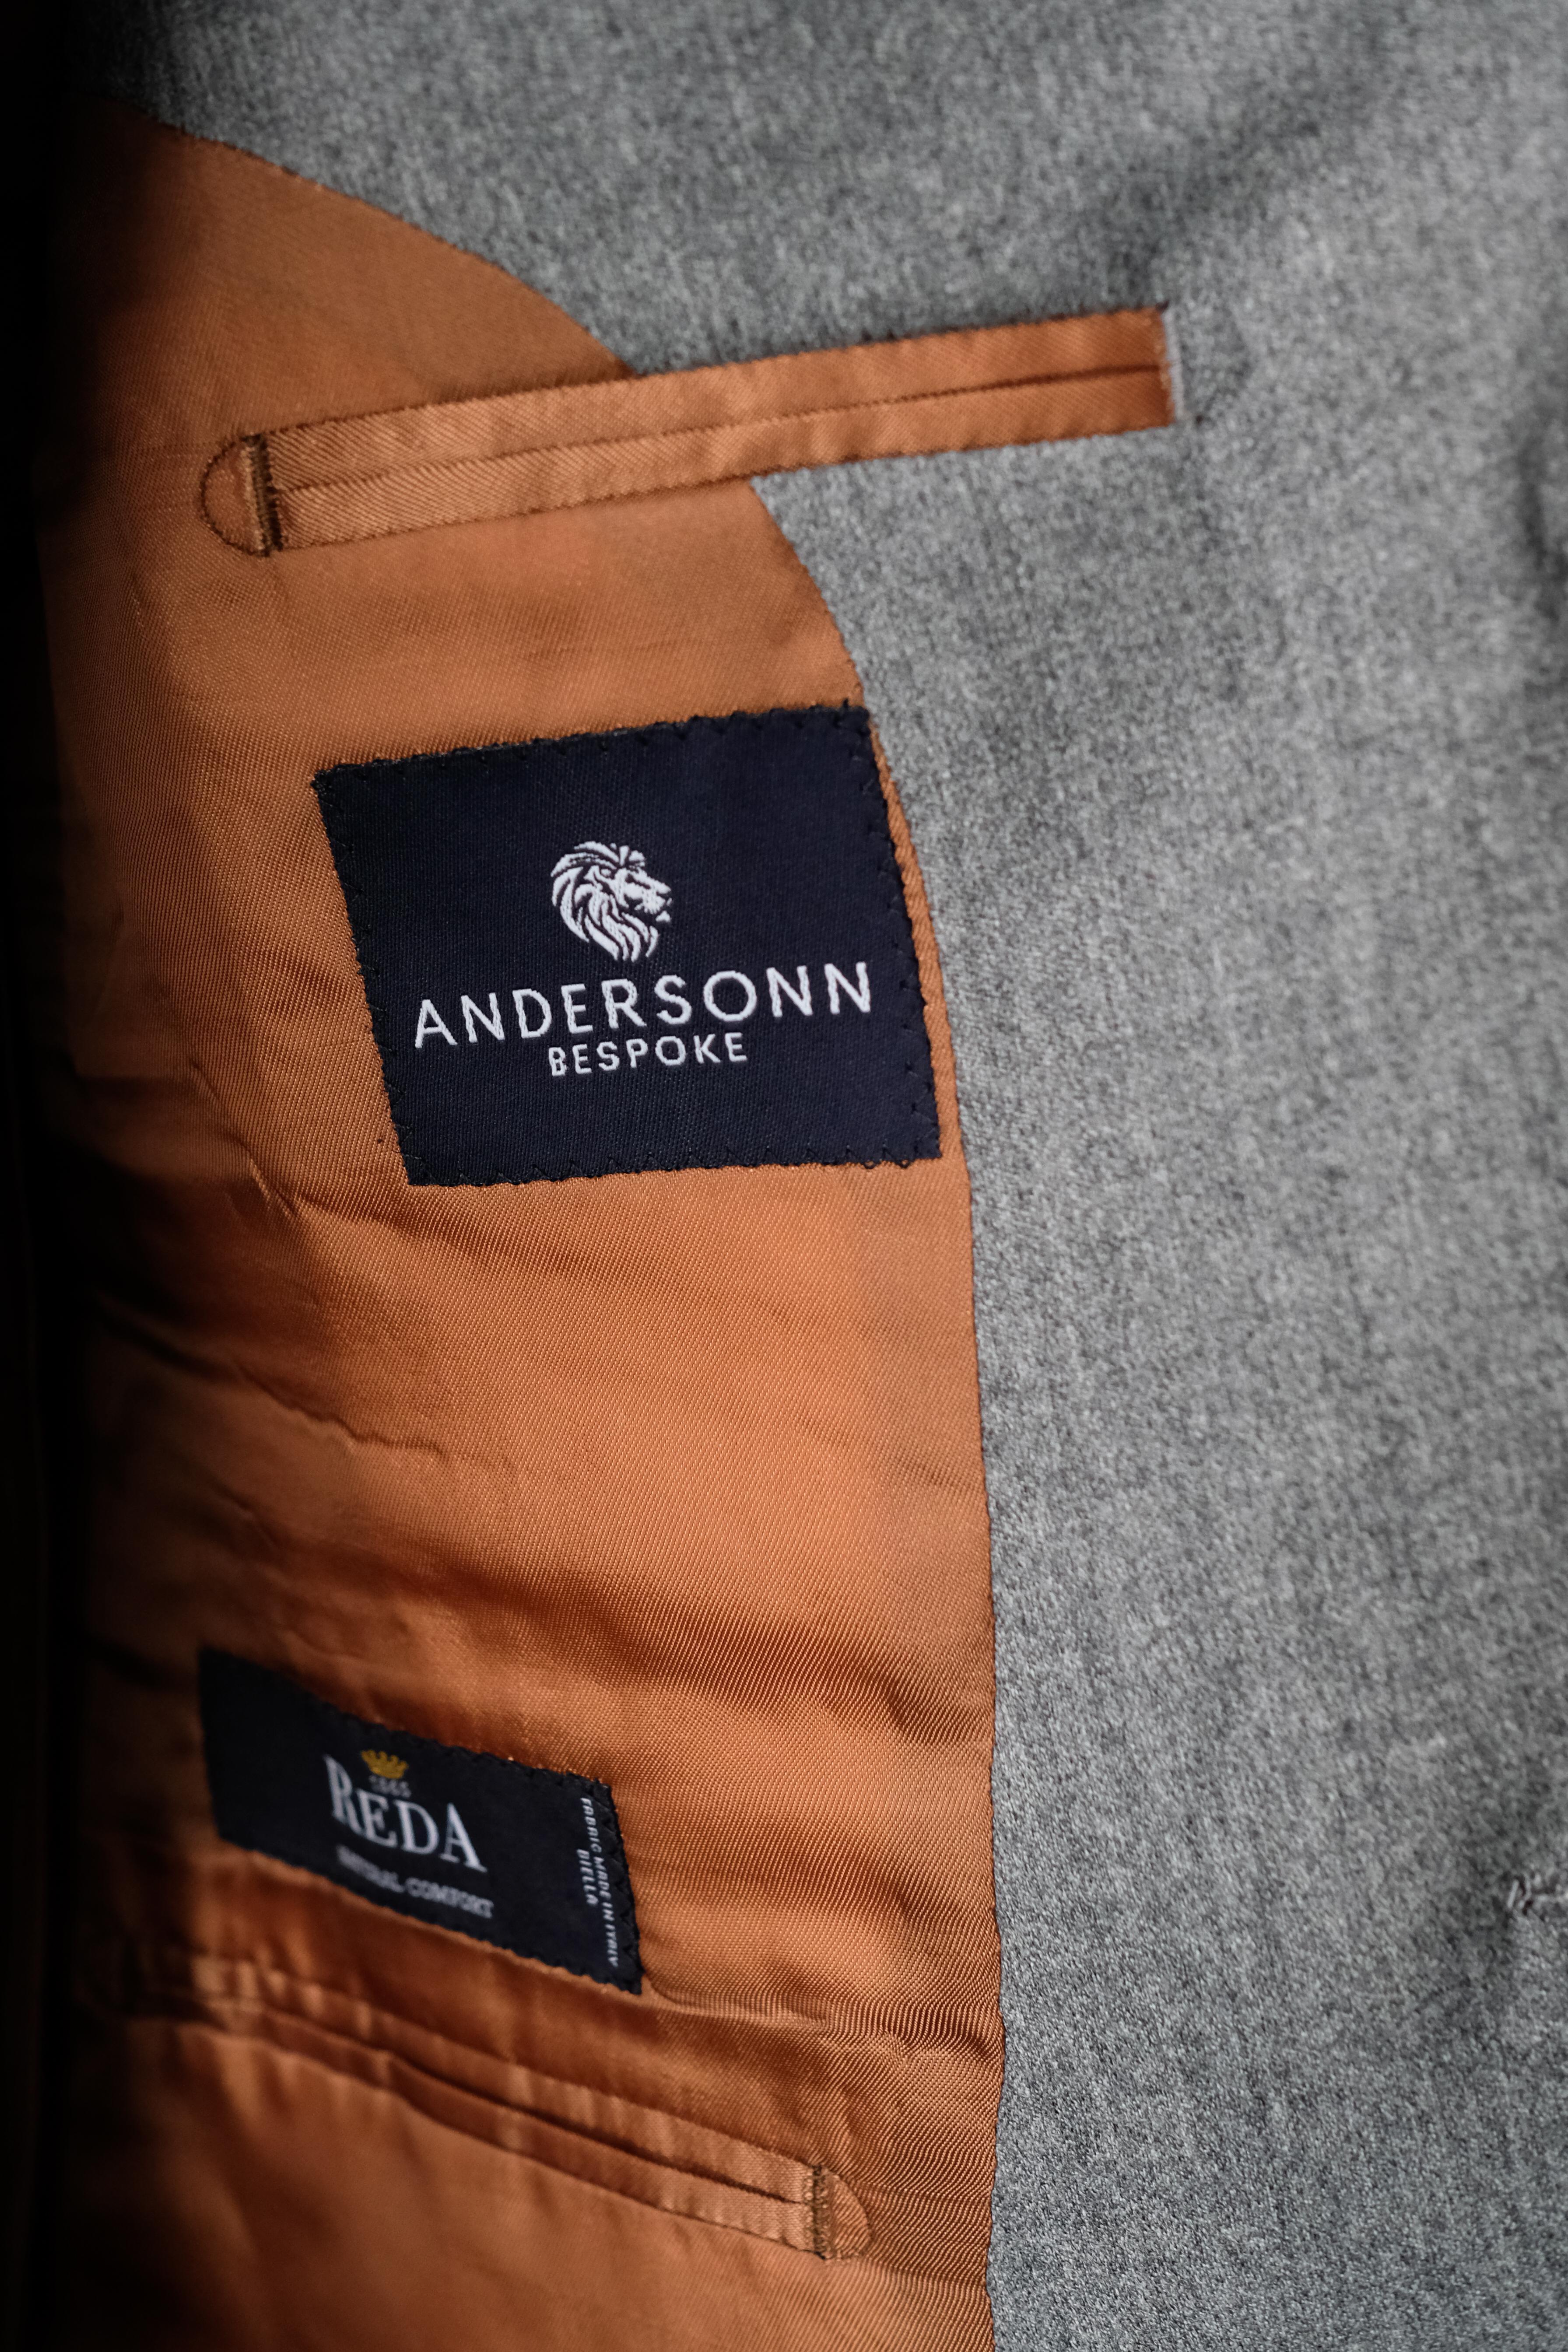 Andersonn Bespoke label